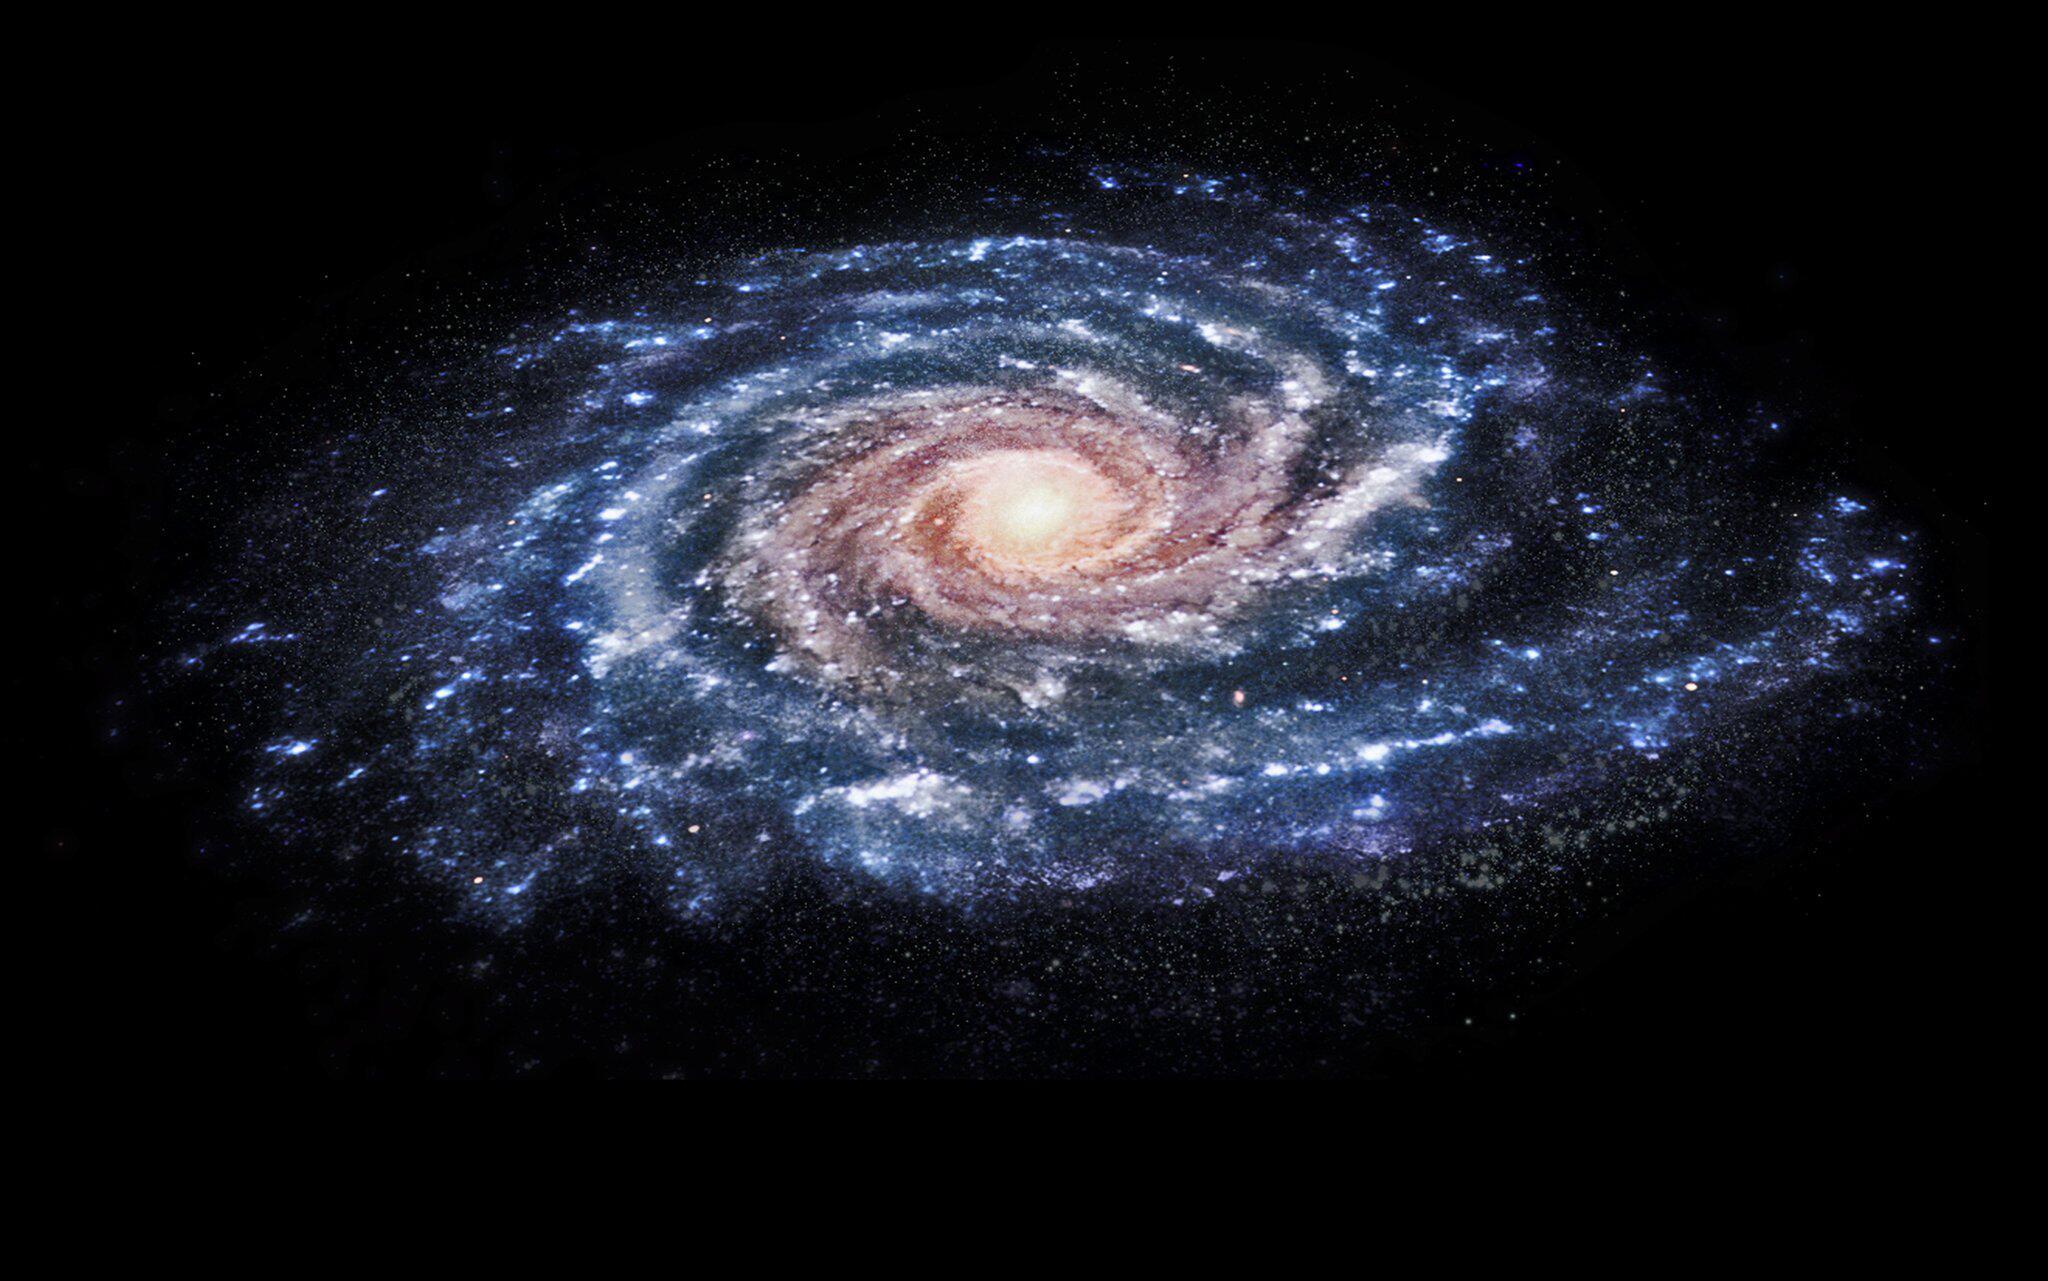 Bild zu Illustration: Unsere Milchstraße